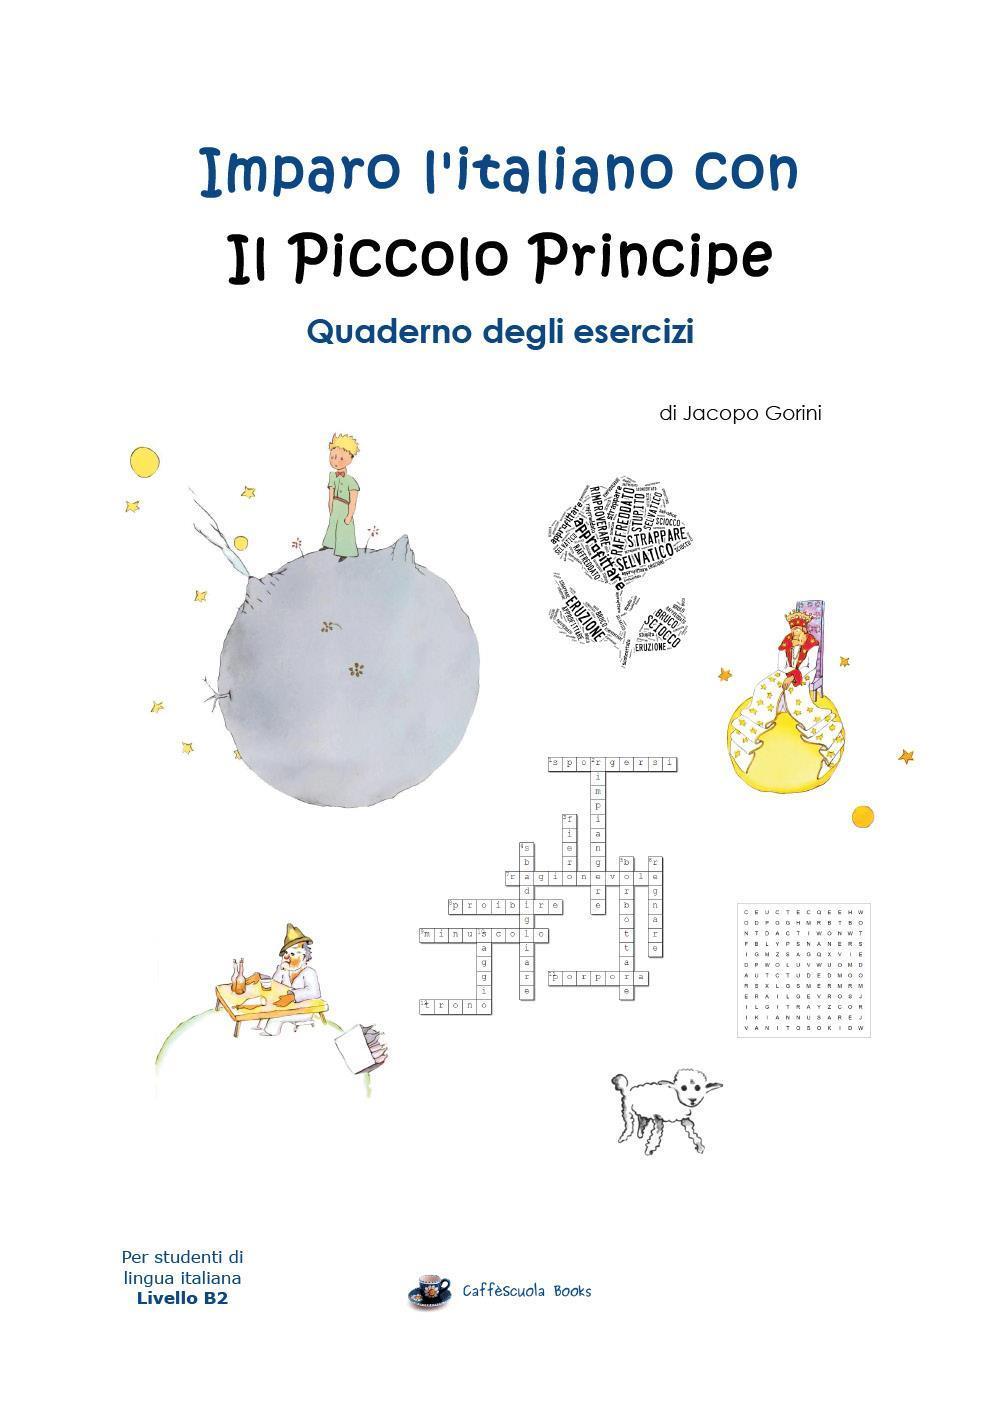 Imparo l'italiano con il Piccolo Principe: Quaderno degli esercizi